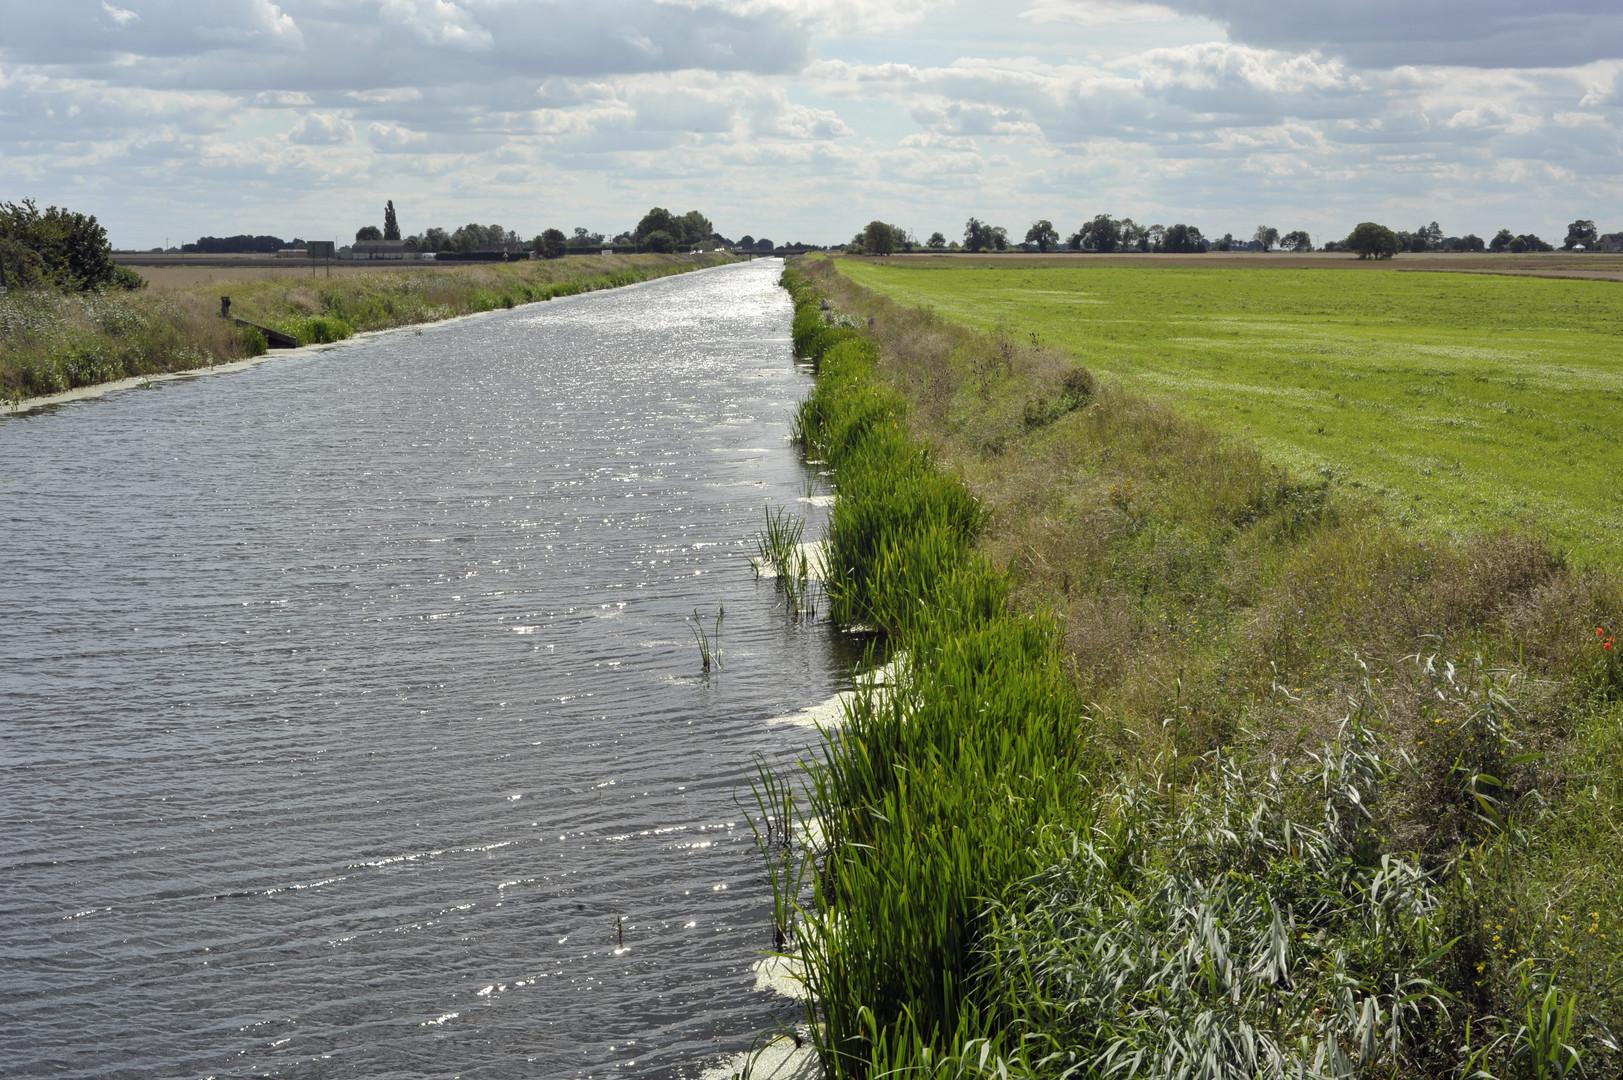 Fenlands River bank